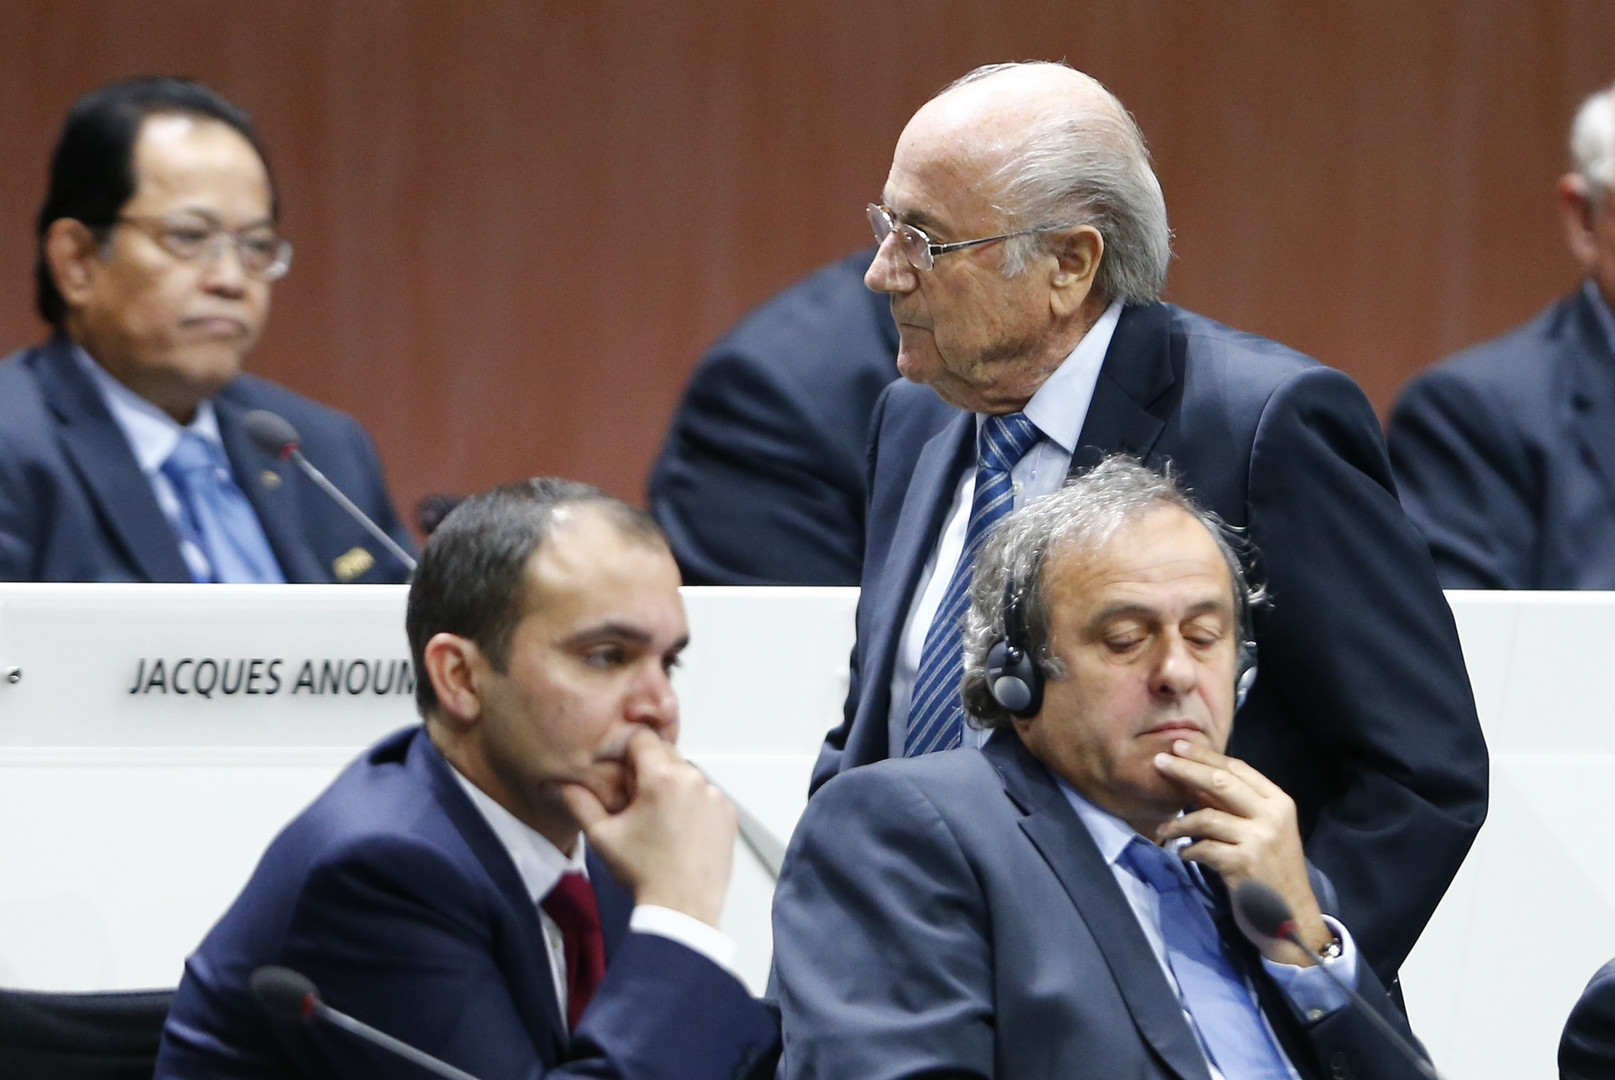 بلاتر رئيسا  للفيفا لولاية خامسة بعد انسحاب الأمير الأردني علي من الجولة الثانية